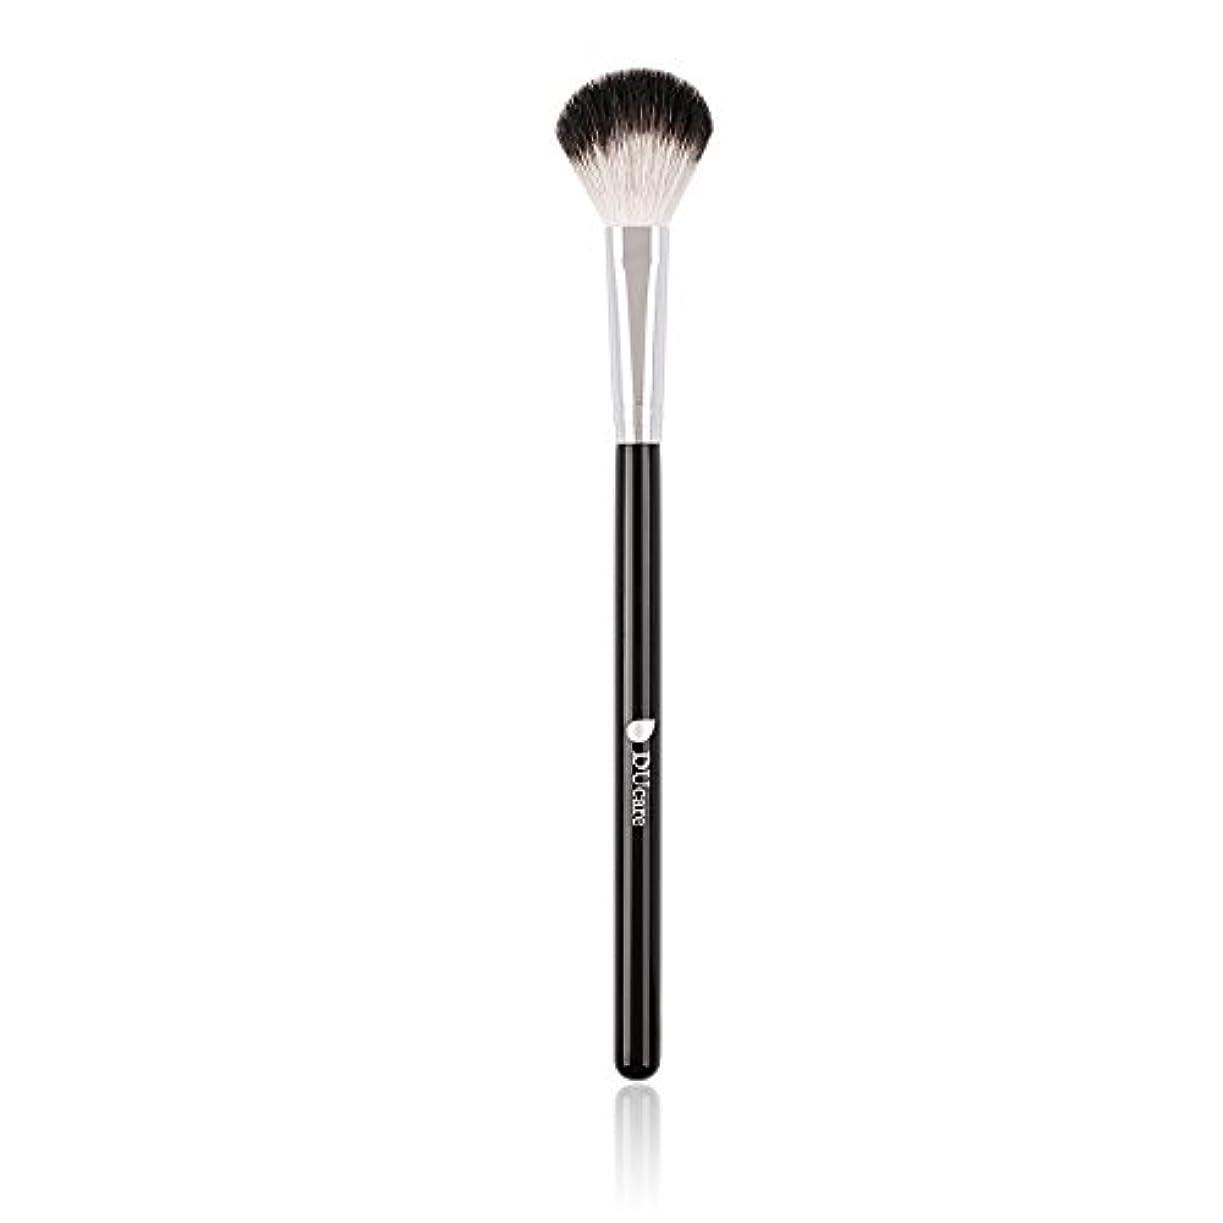 ポインタ失礼デクリメントDUcare ドゥケア 化粧筆 ハイライトブラシ 白尖峰を100%使用 ハイライト&チック&パウダー用